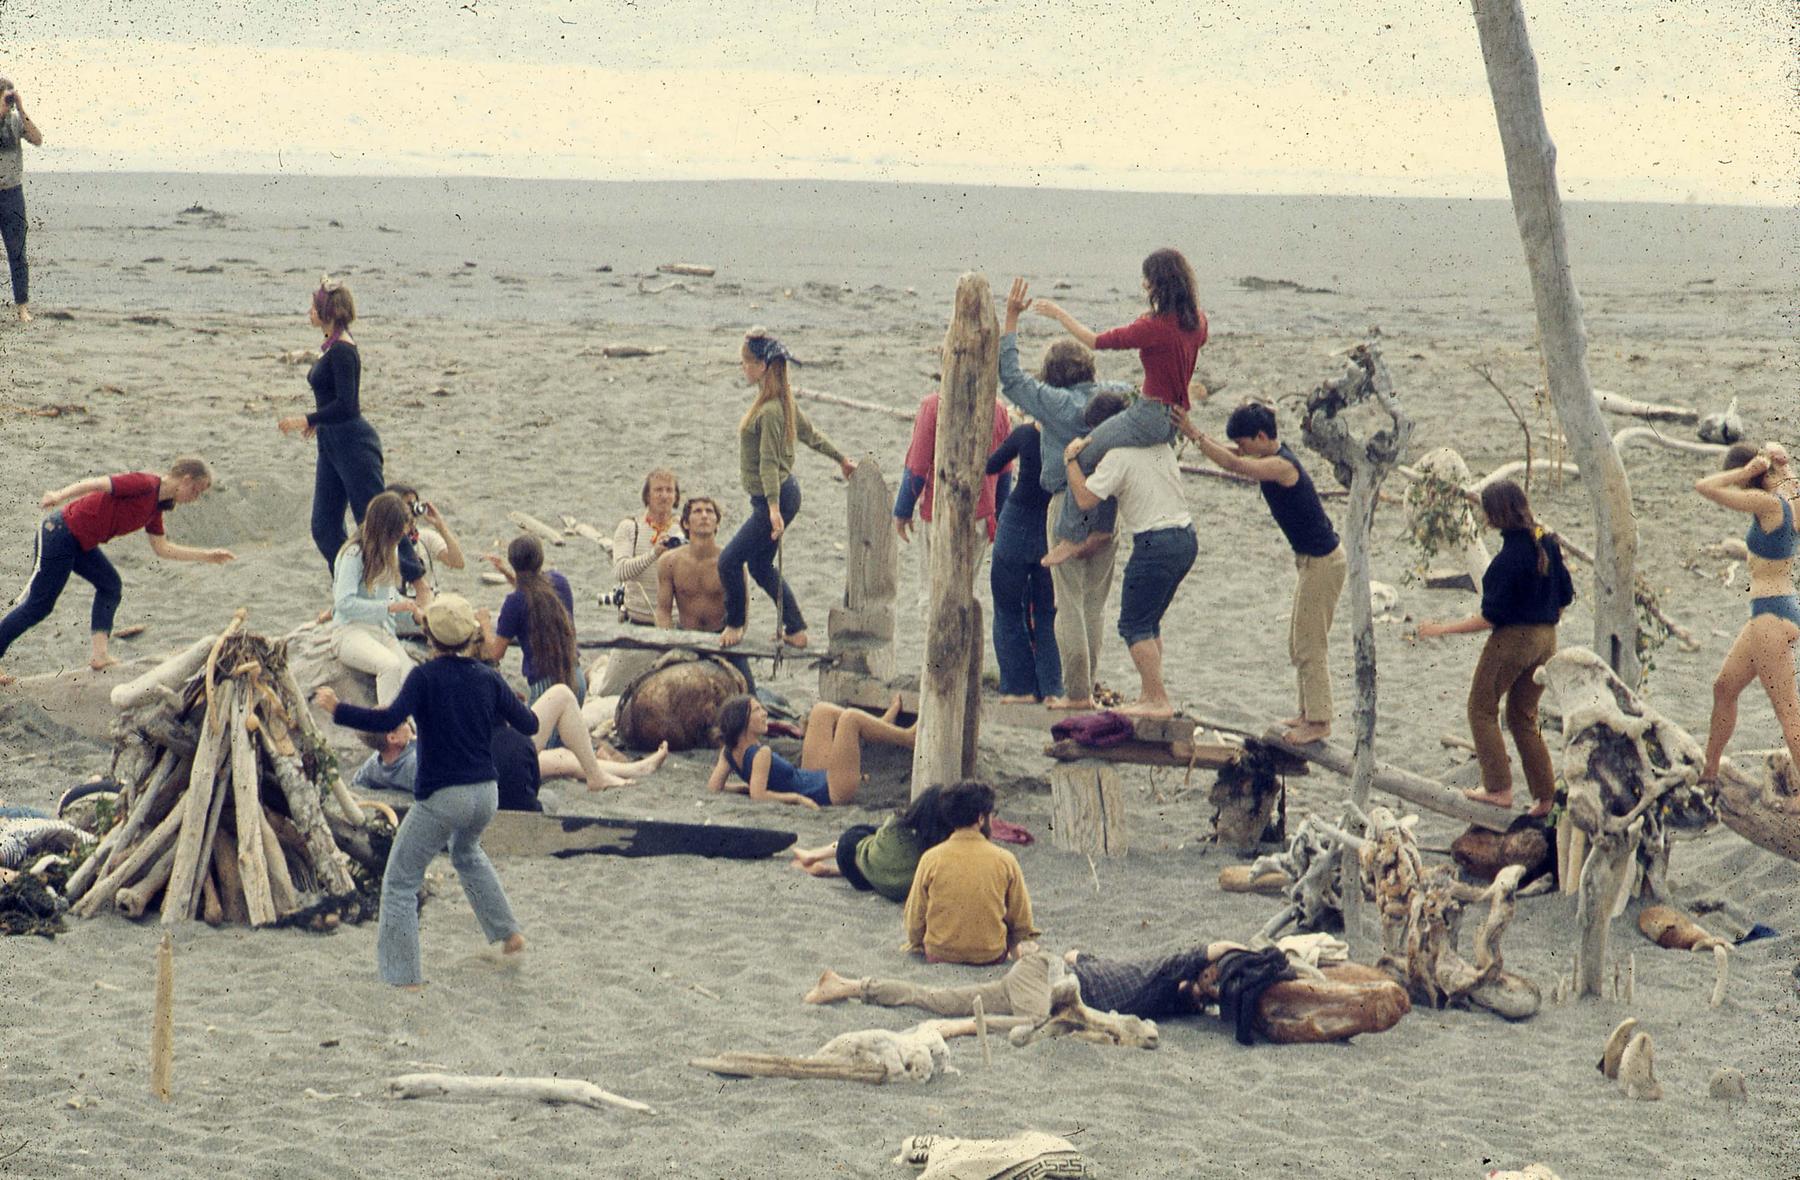 Sea Ranch people at a beach walking balancing on wood bark